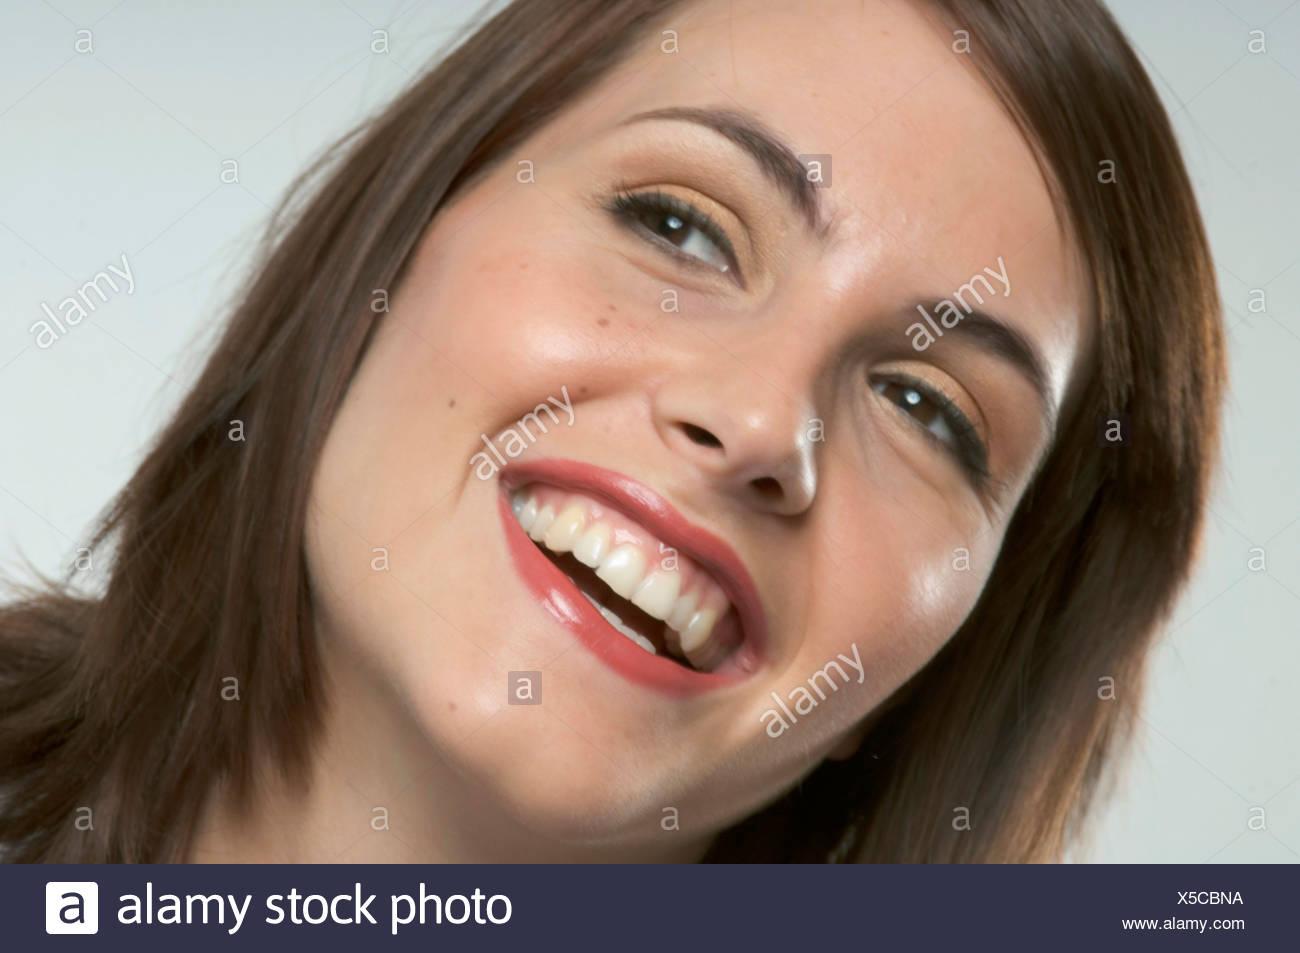 Augen braune welcher lippenstift braune haare blaue augen